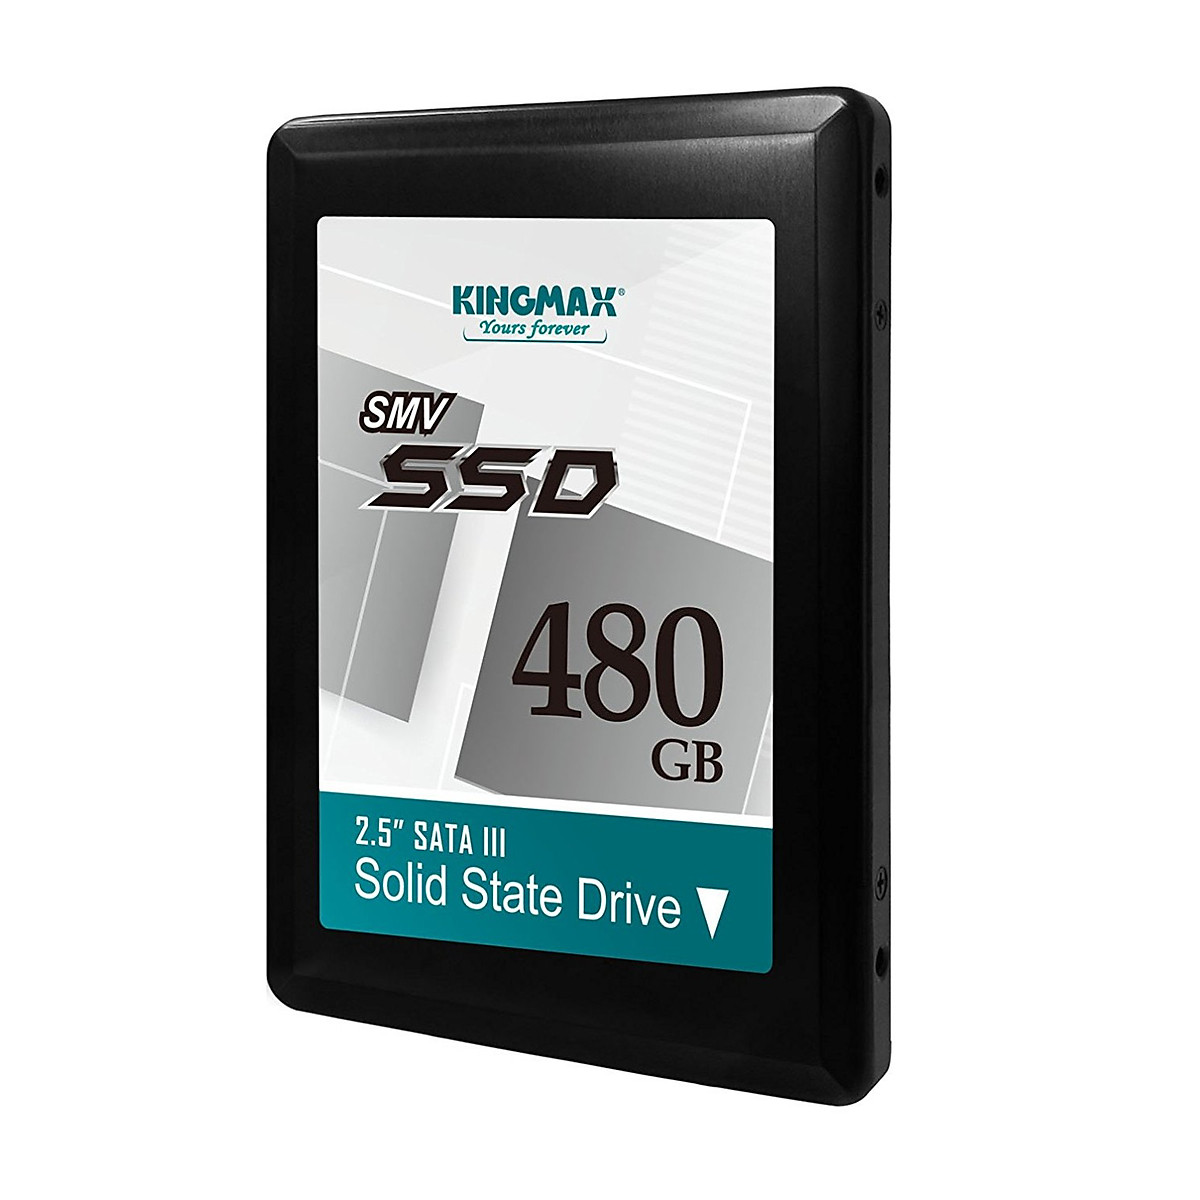 Ổ cứng SSD Kingmax SMV32 480GB SATA III (6Gb/s) – Hàng Chính Hãng